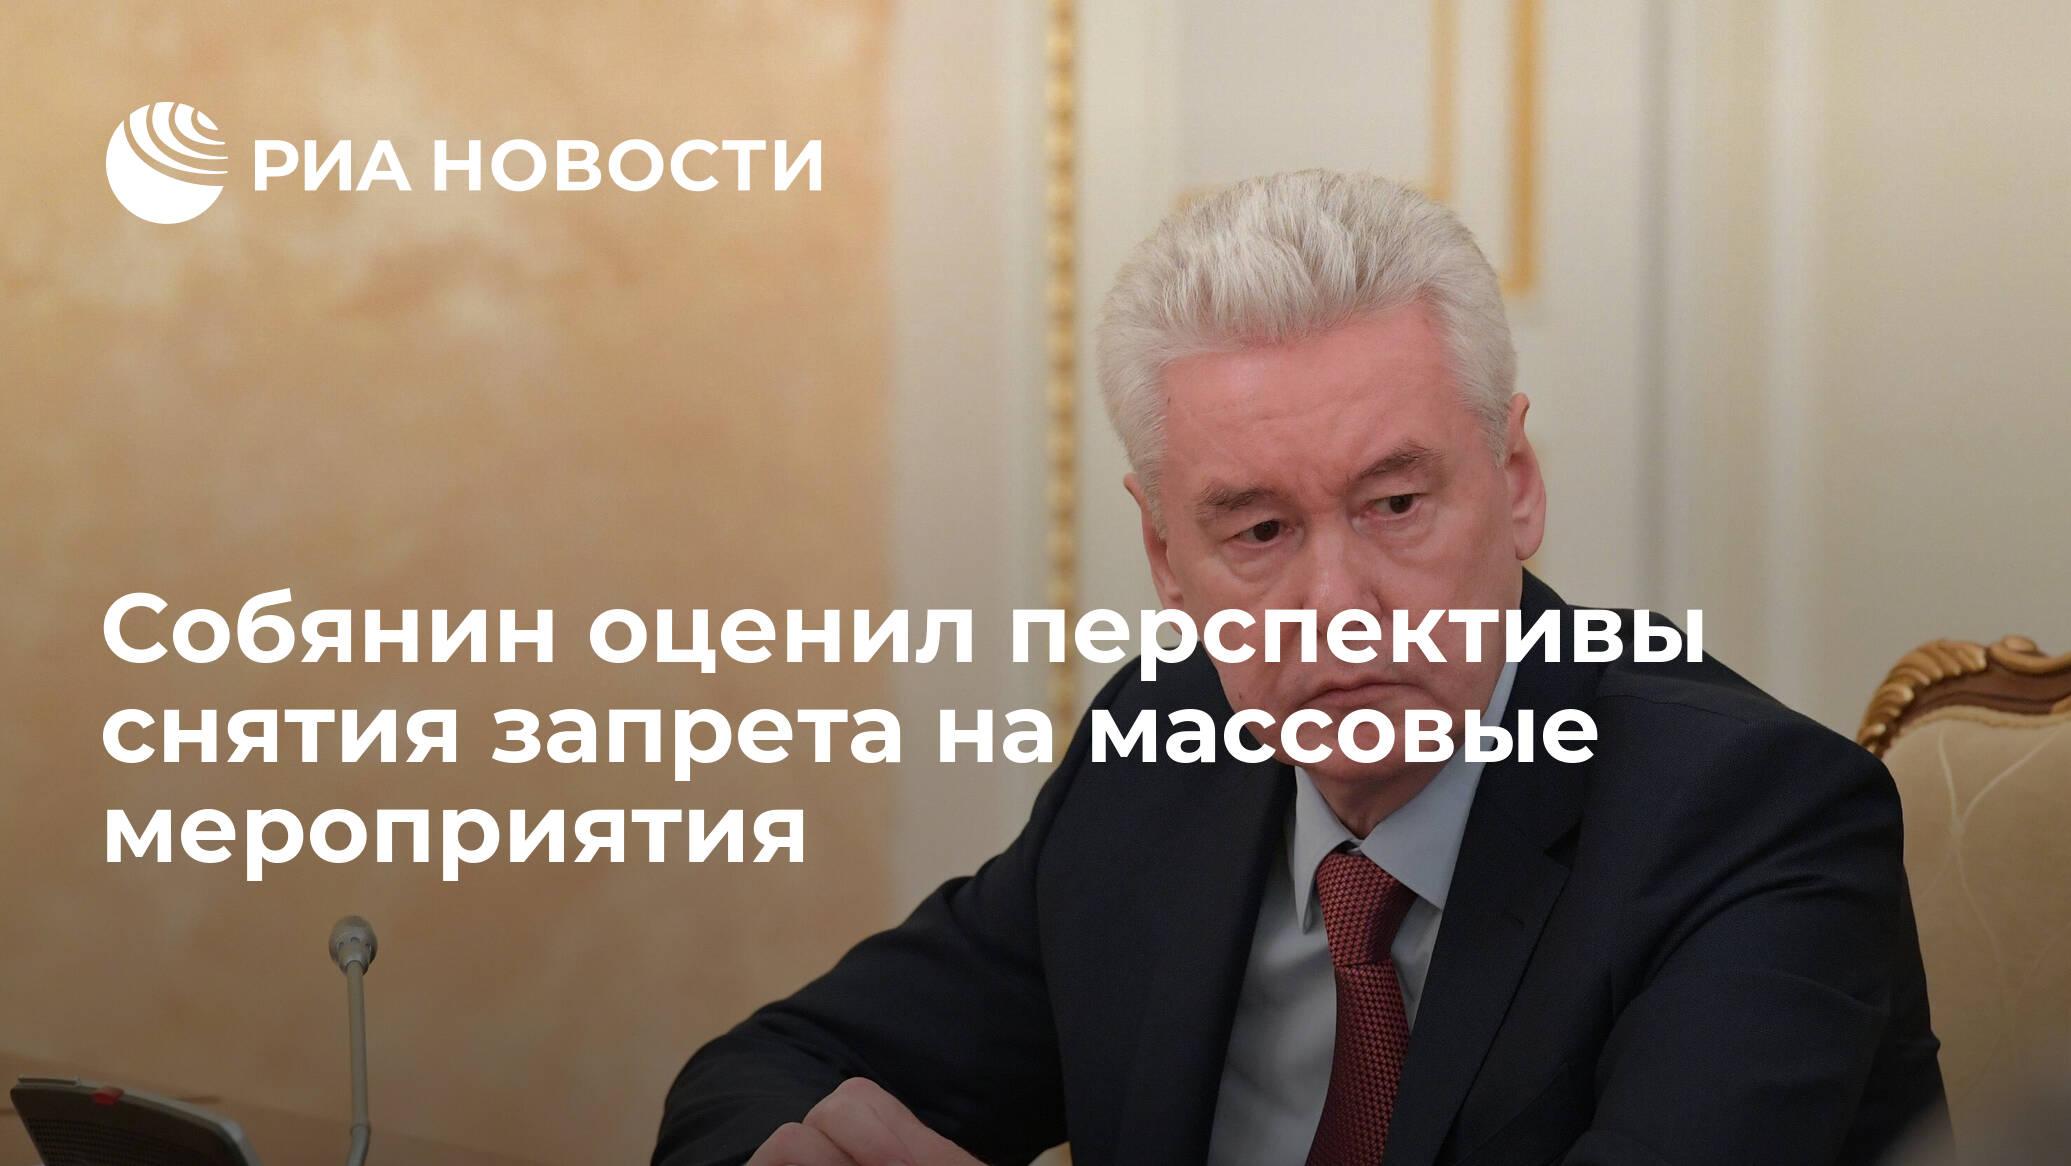 Собянин оценил перспективы снятия запрета на массовые мероприятия